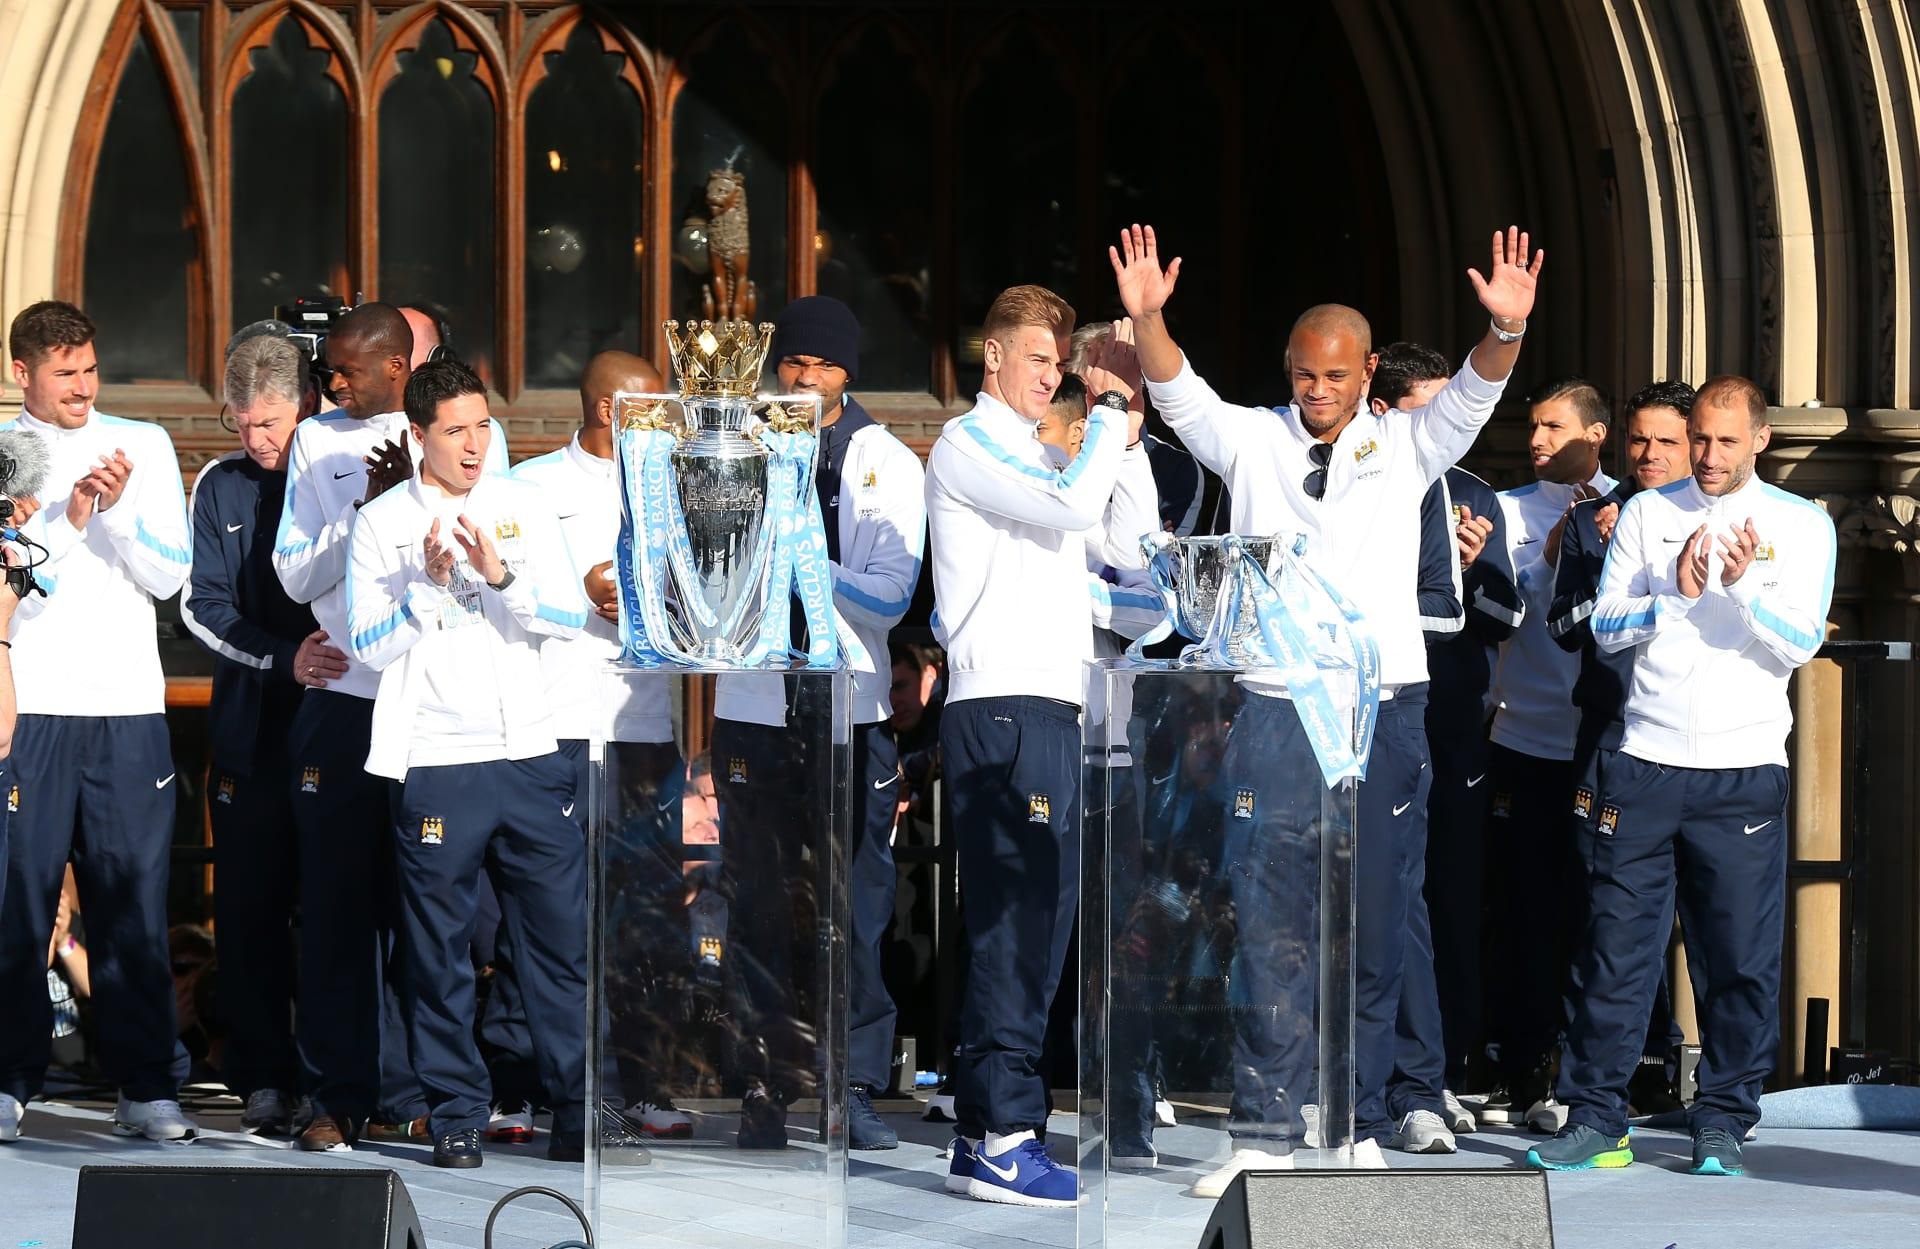 لاعبو فريق نادي مانشيستر سيتي يحتفلون بالفوز بدرع الدوري الإنجليزي الممتاز